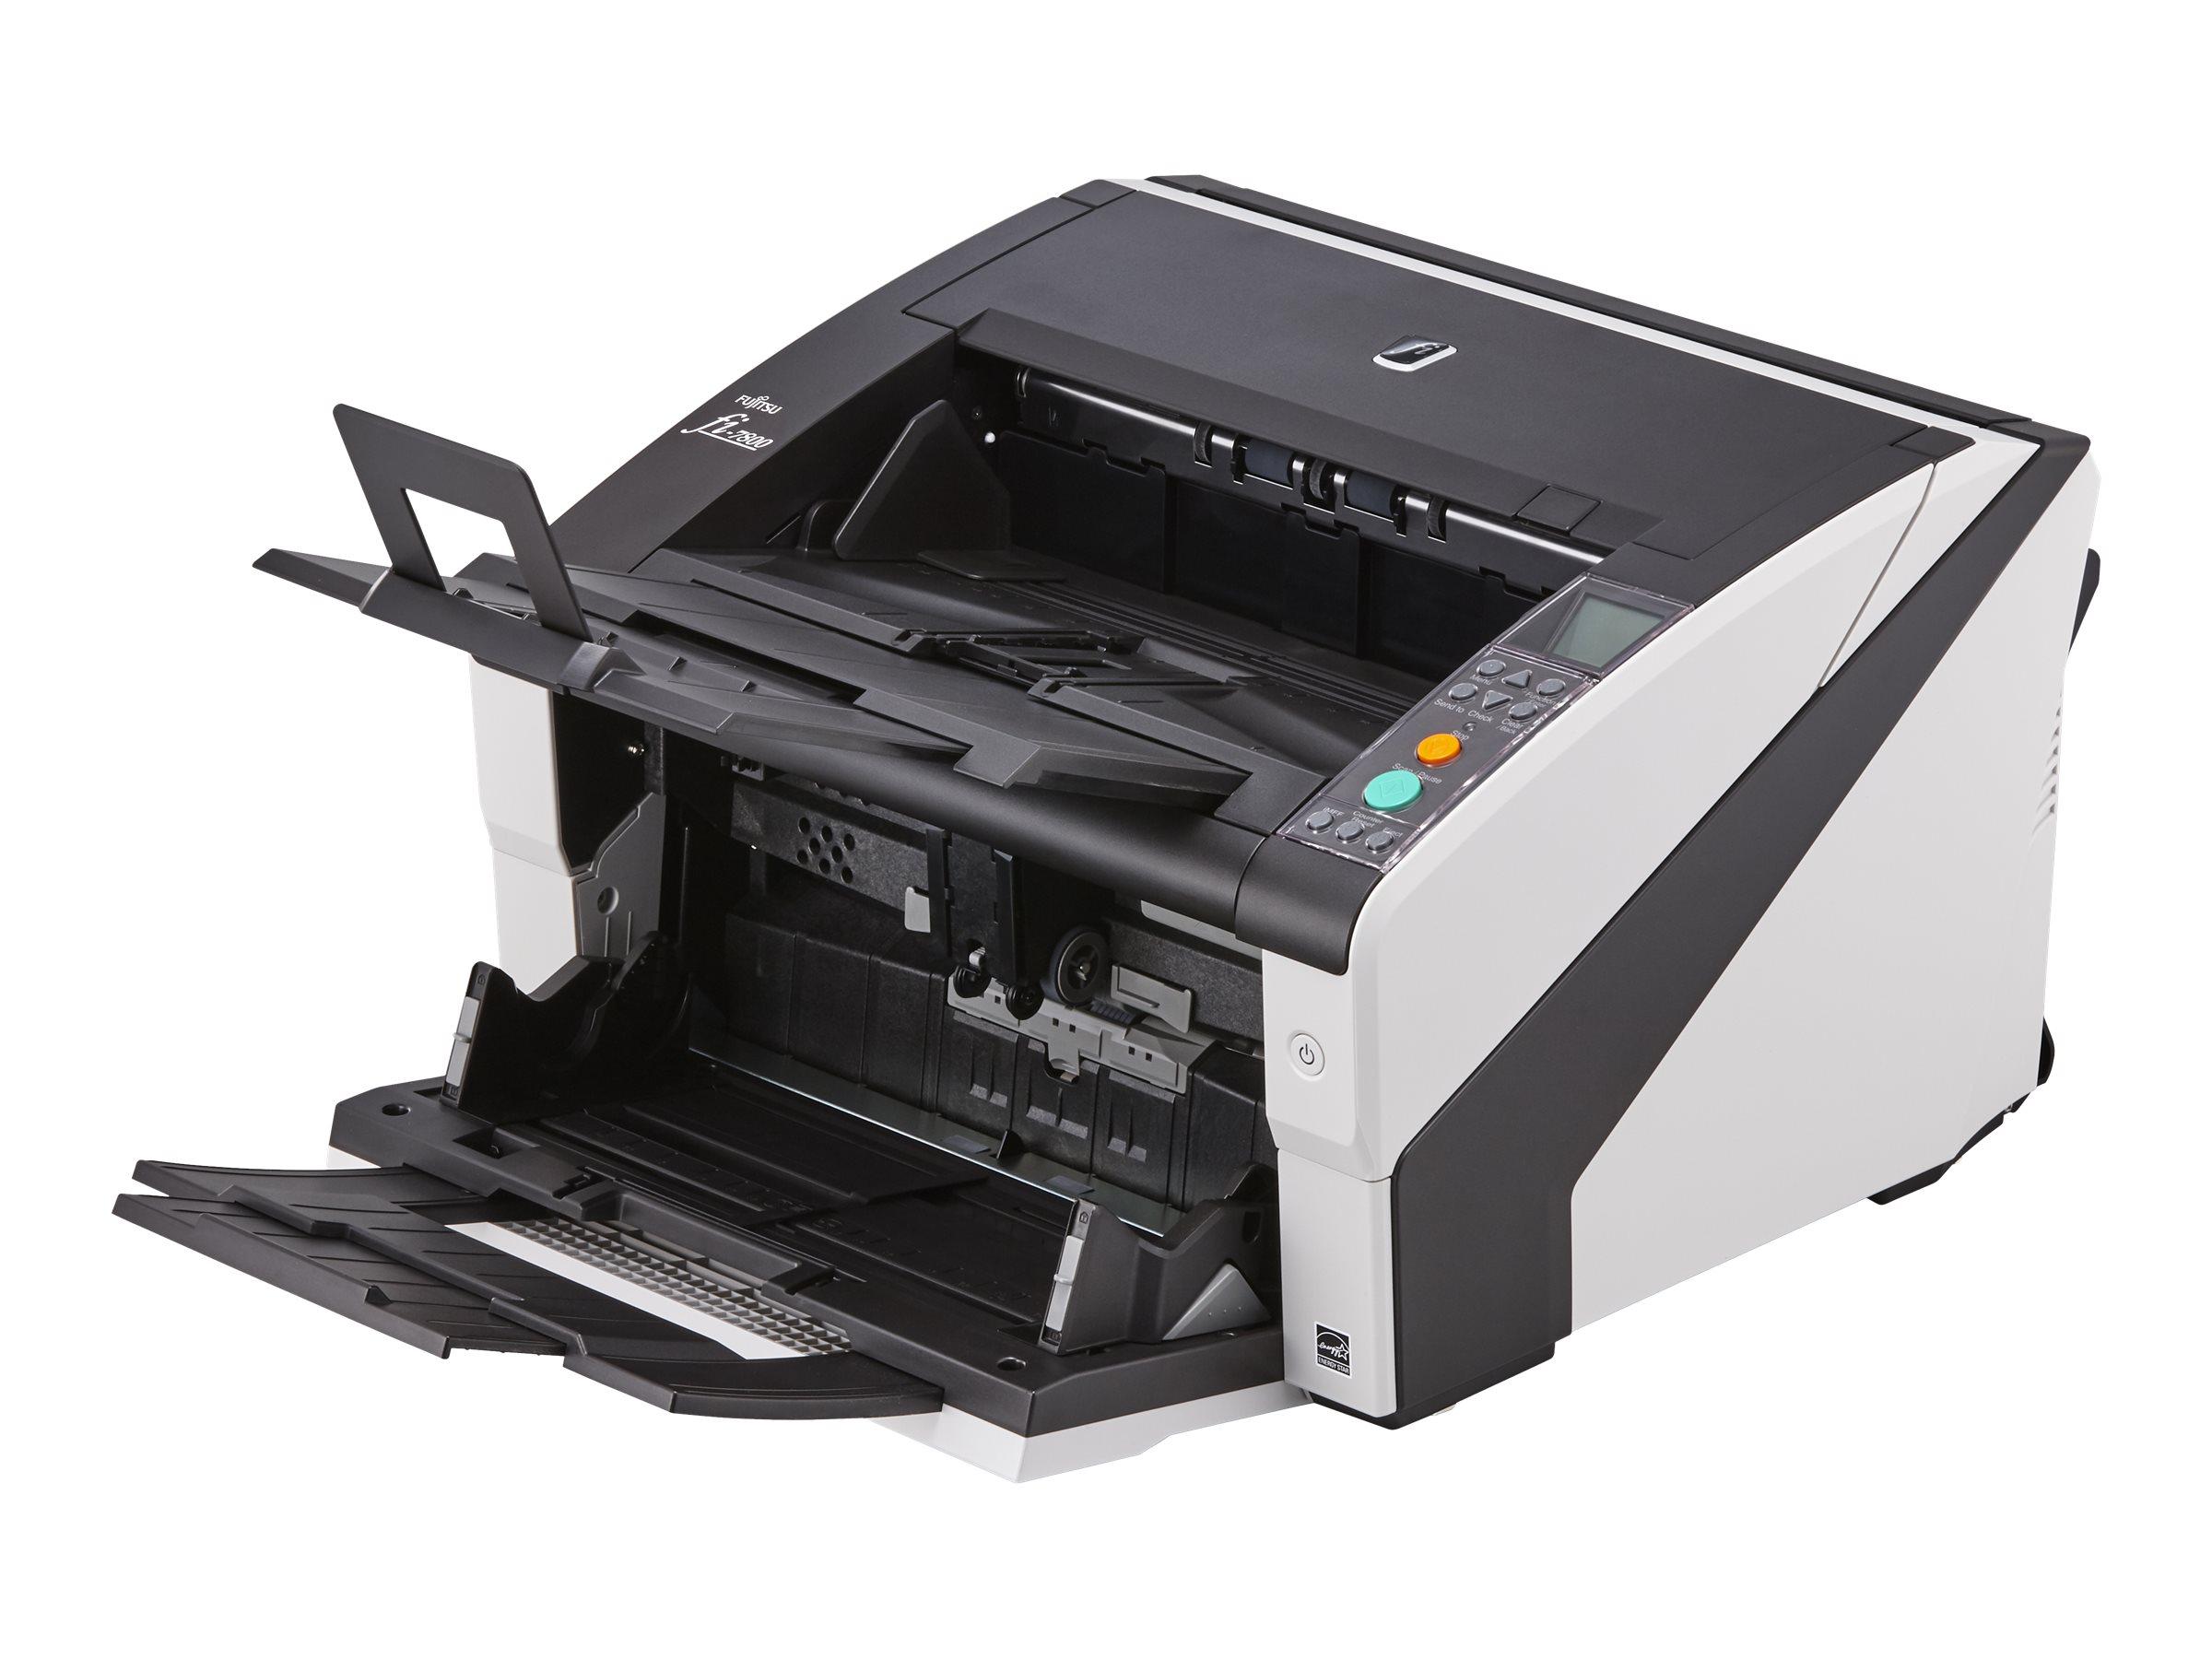 Fujitsu fi-7800 - Dokumentenscanner - Duplex - 304.8 x 431.8 mm - 600 dpi x 600 dpi - bis zu 110 Seiten/Min. (einfarbig)